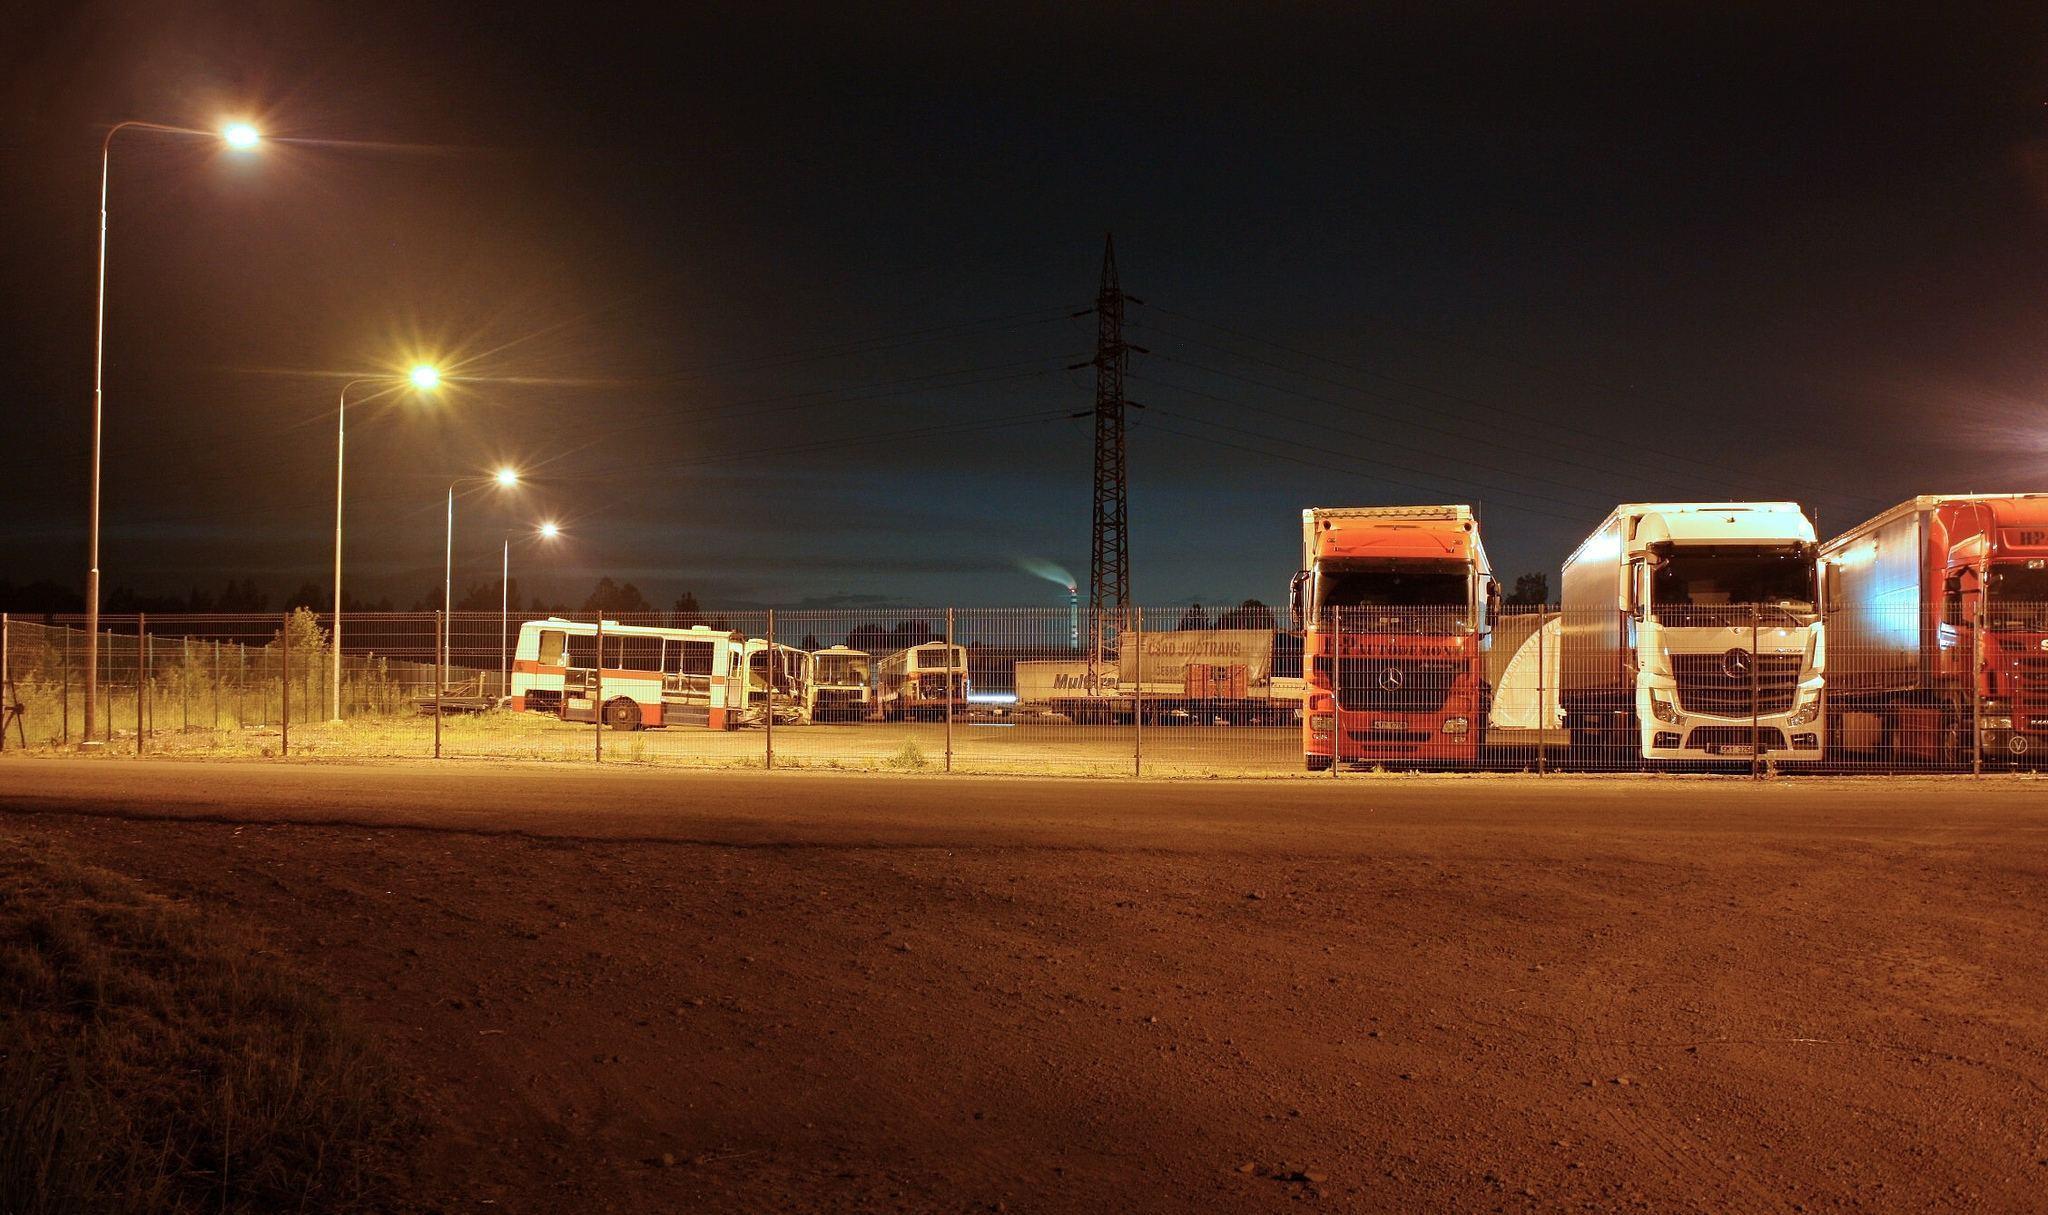 Caminhões estacionados à noite.